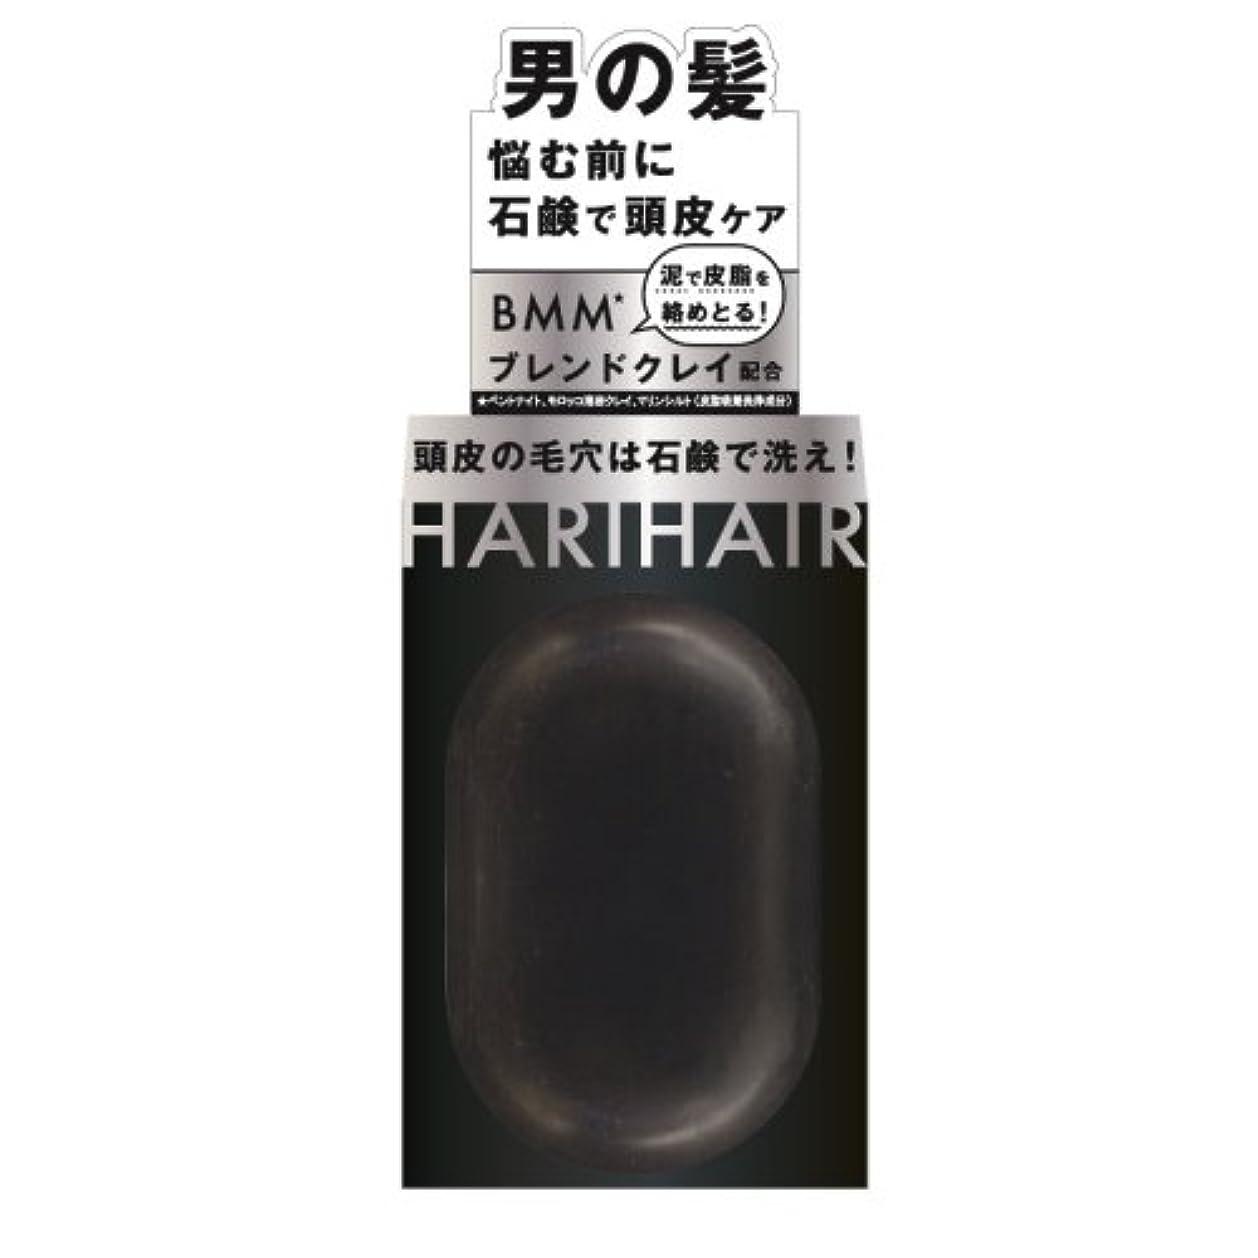 エレメンタル欠かせない水平ペリカン石鹸 ハリヘア 固形シャンプー 100g